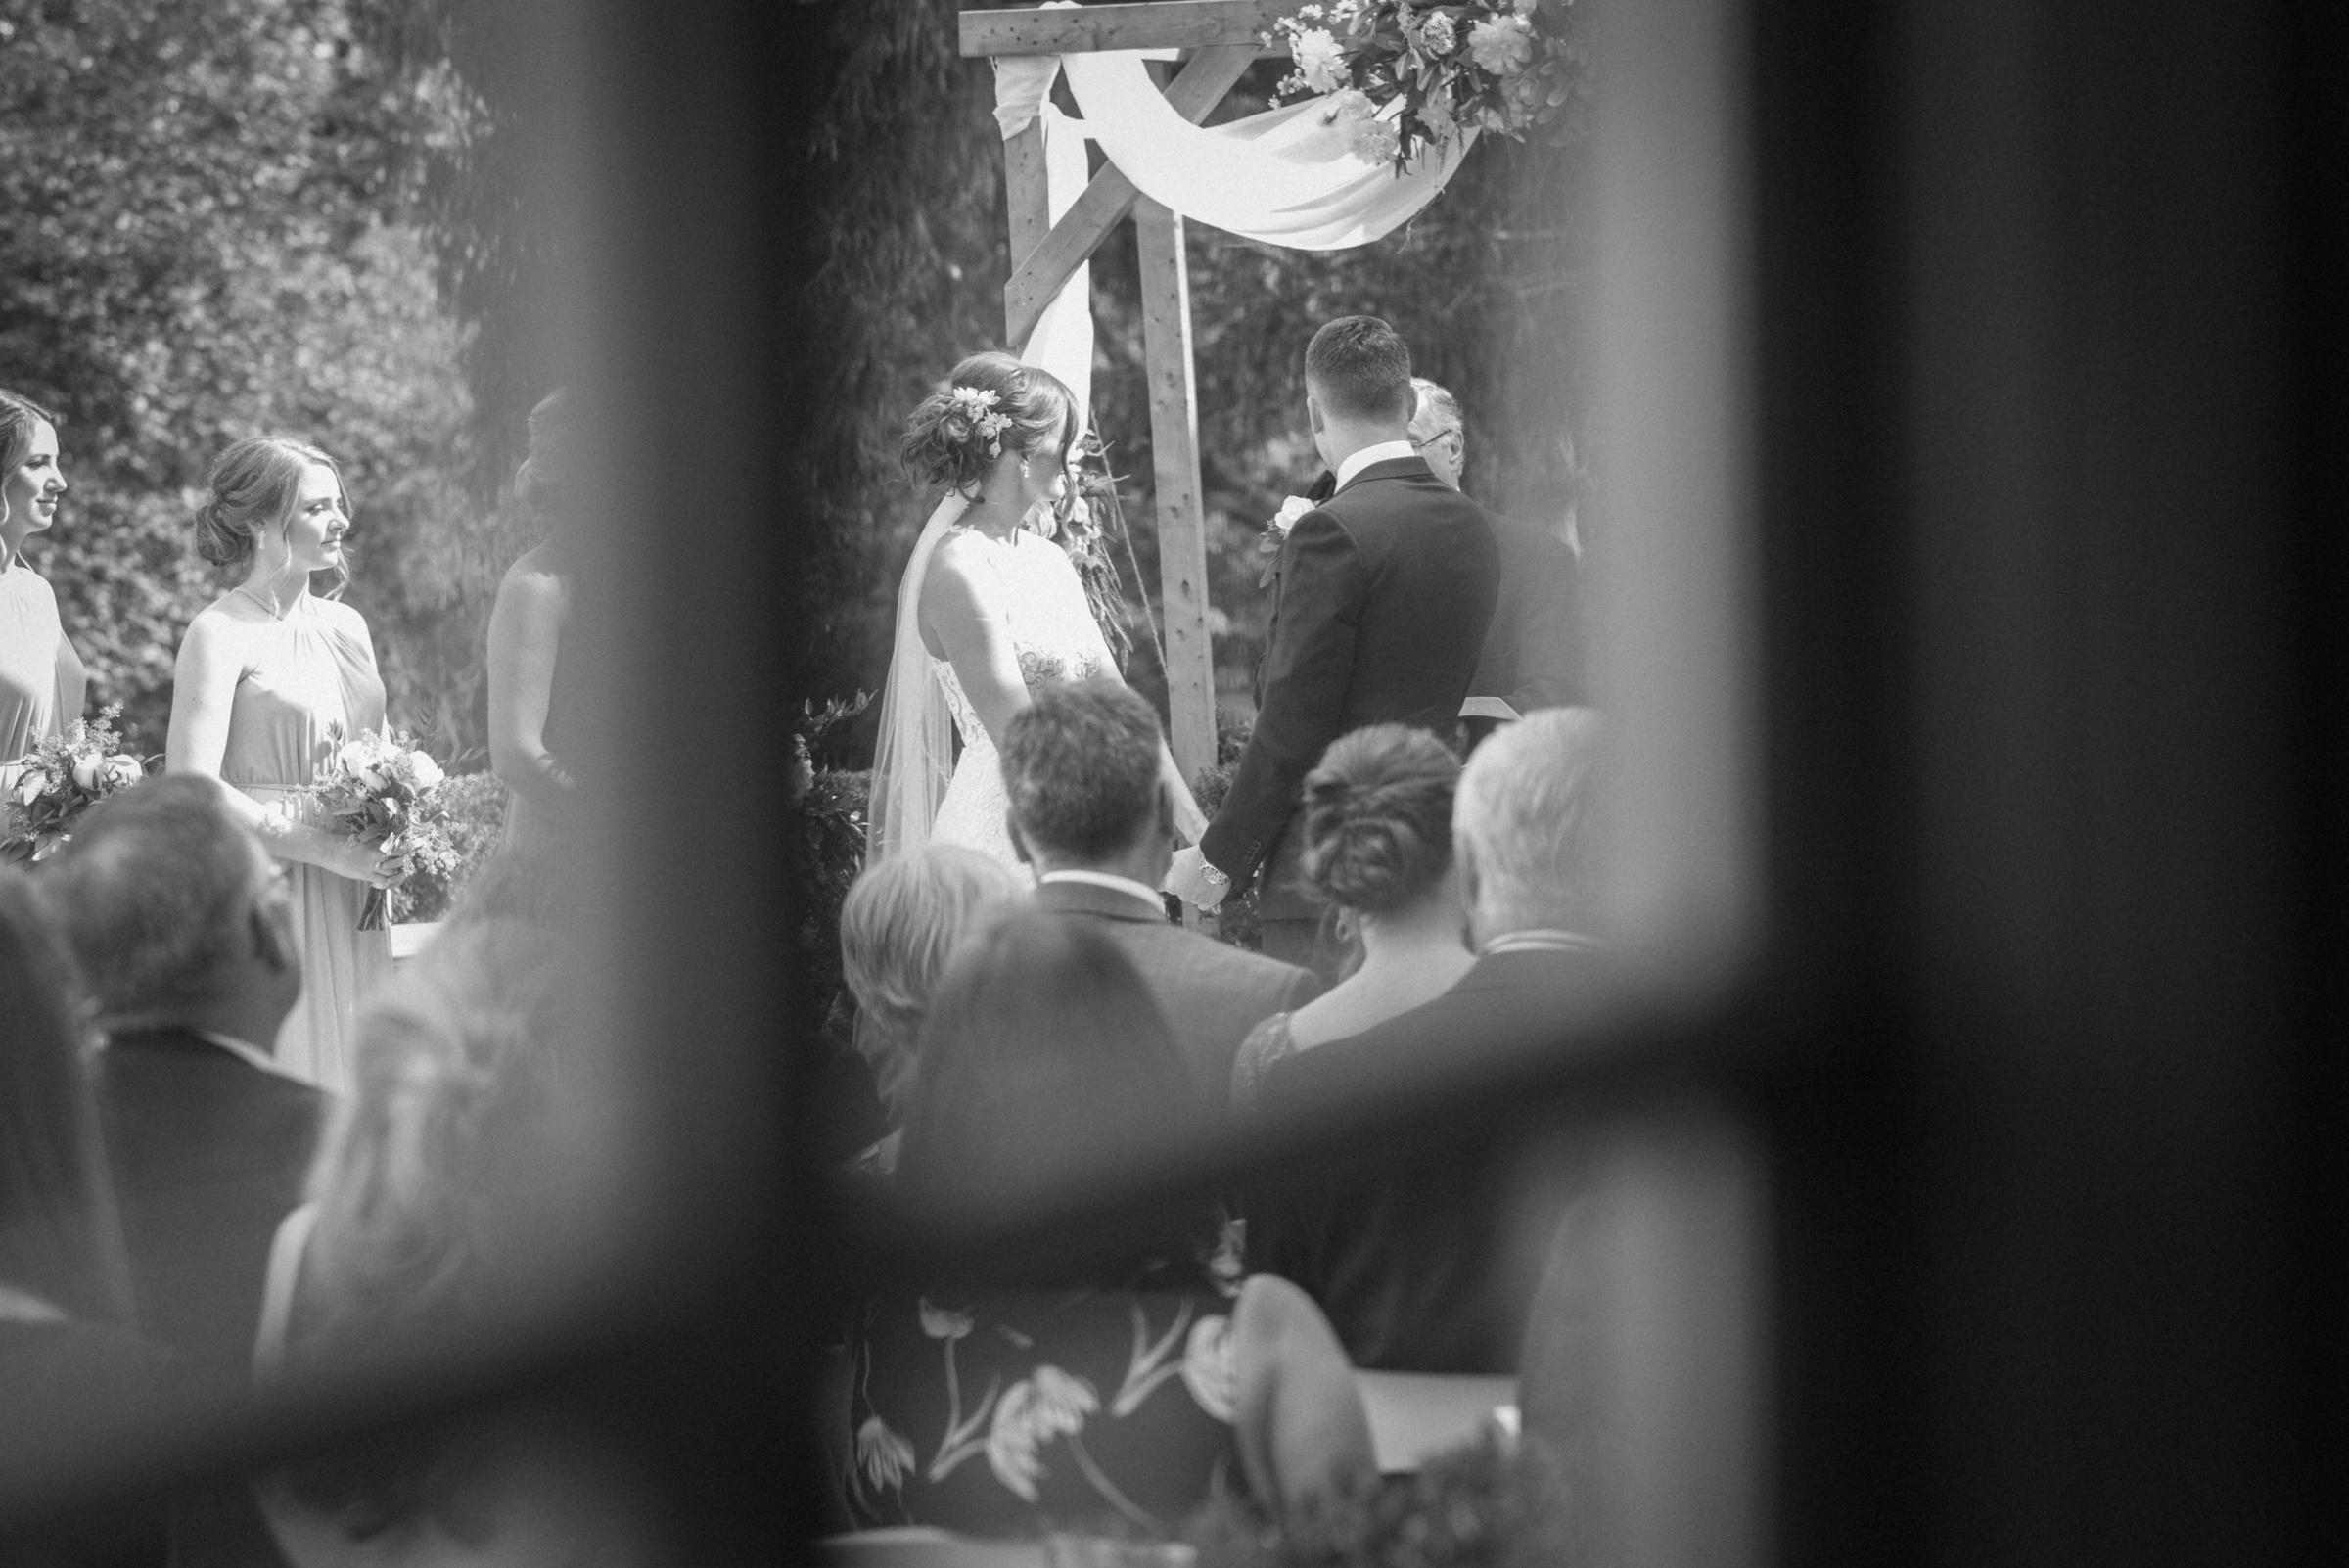 180824_KatieJake_Wedding_DSC_7467_Web.jpg